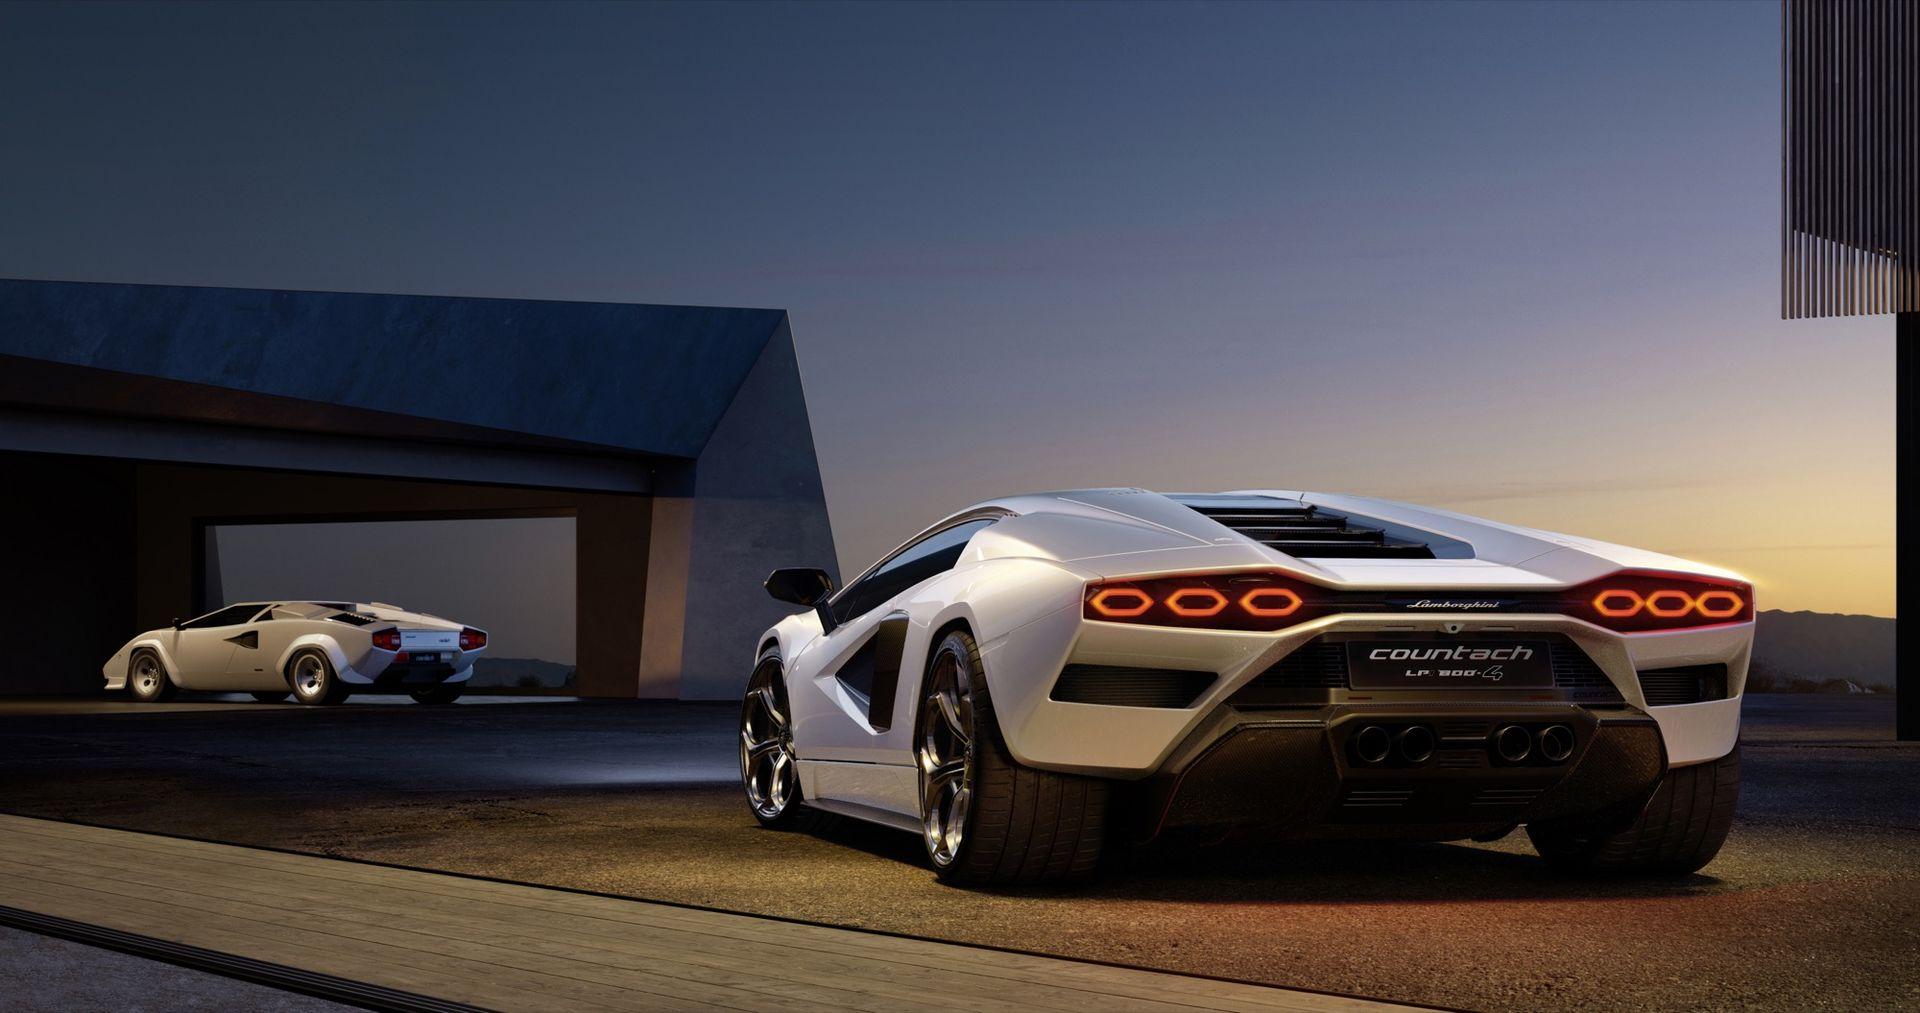 Det här är Lamborghini Countach LPI 800-4